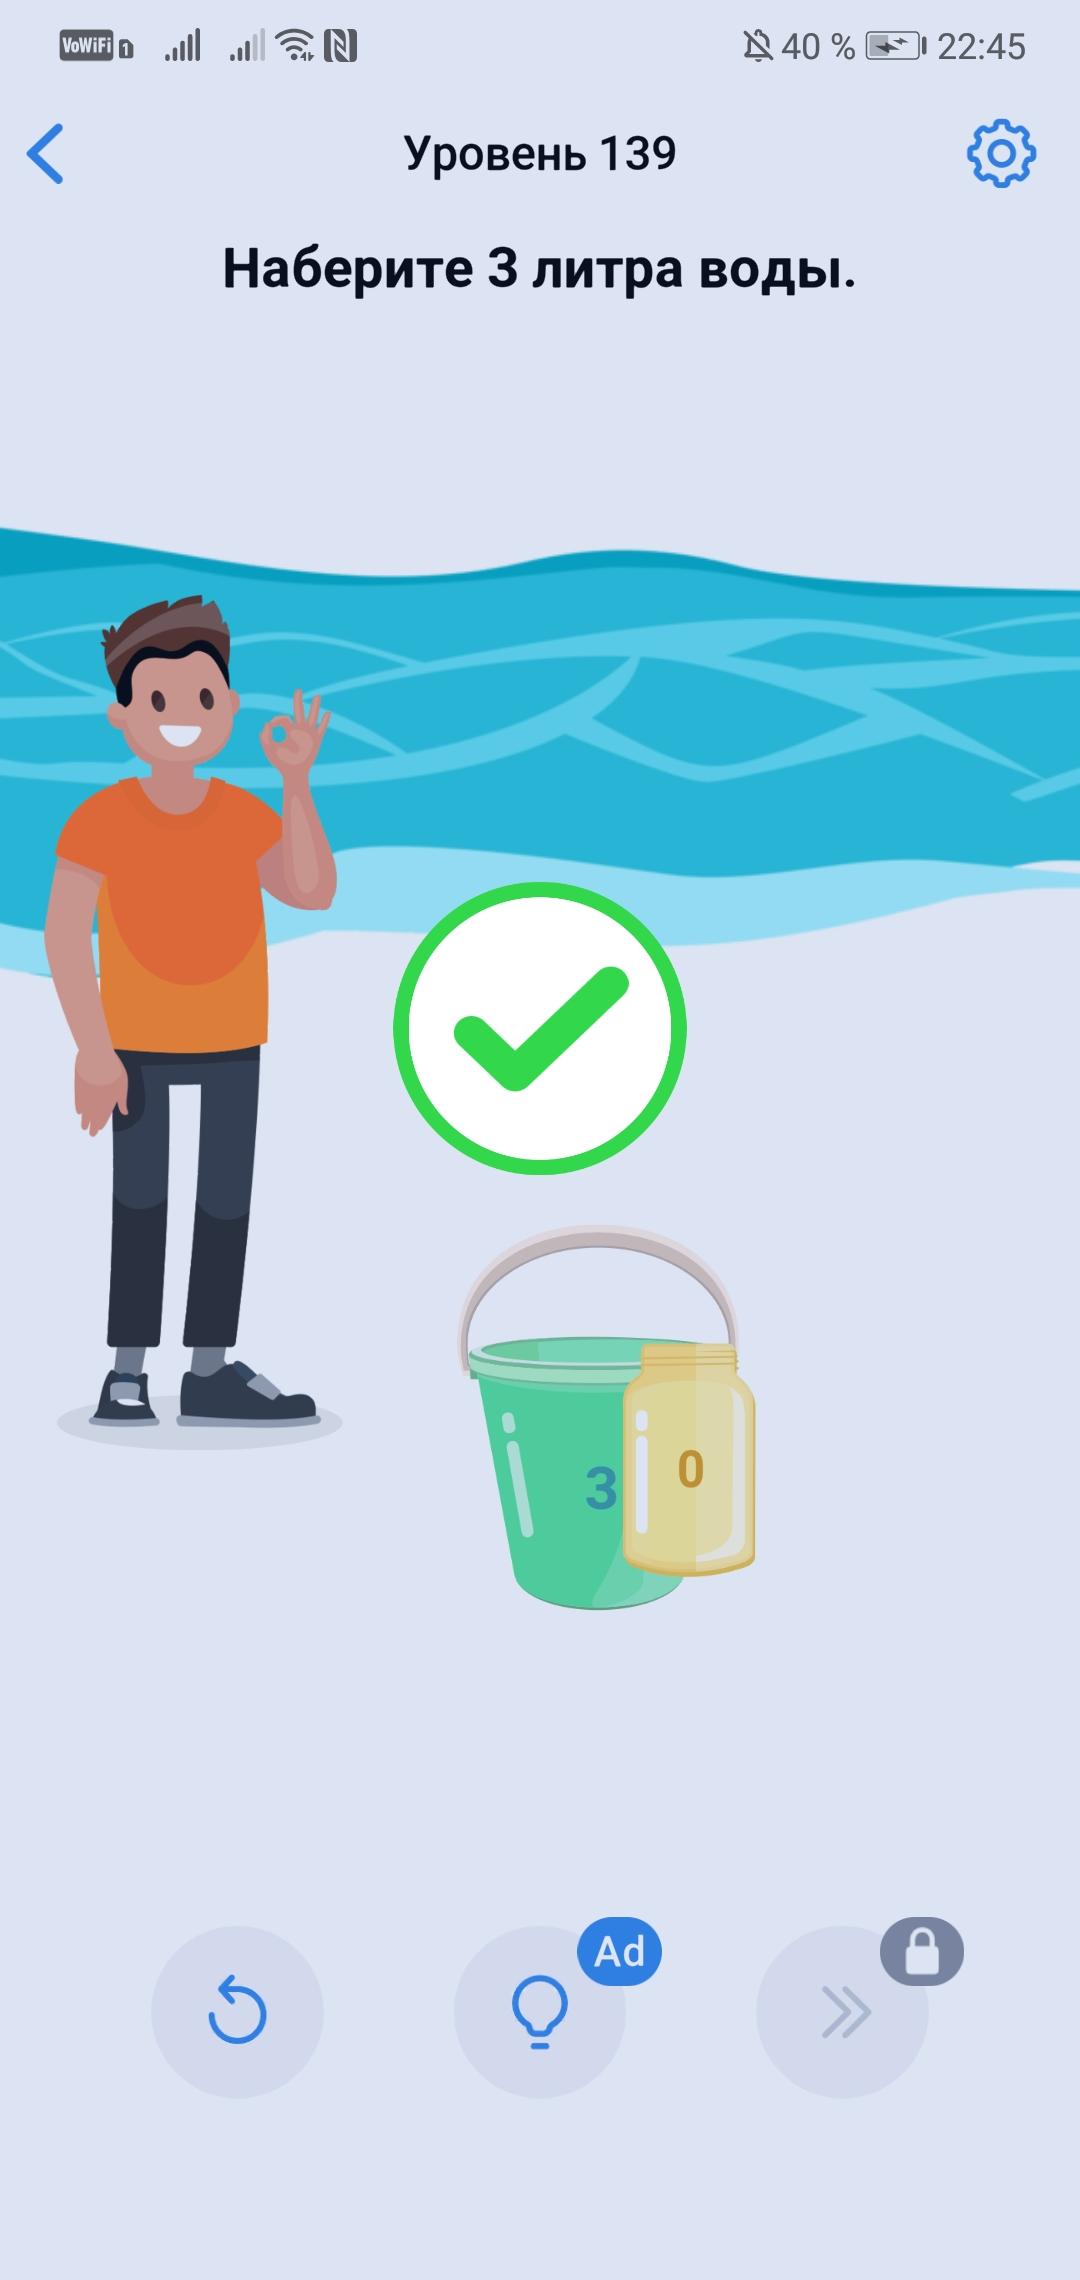 Easy Game - 139 уровень - Наберите 3 литра воды.